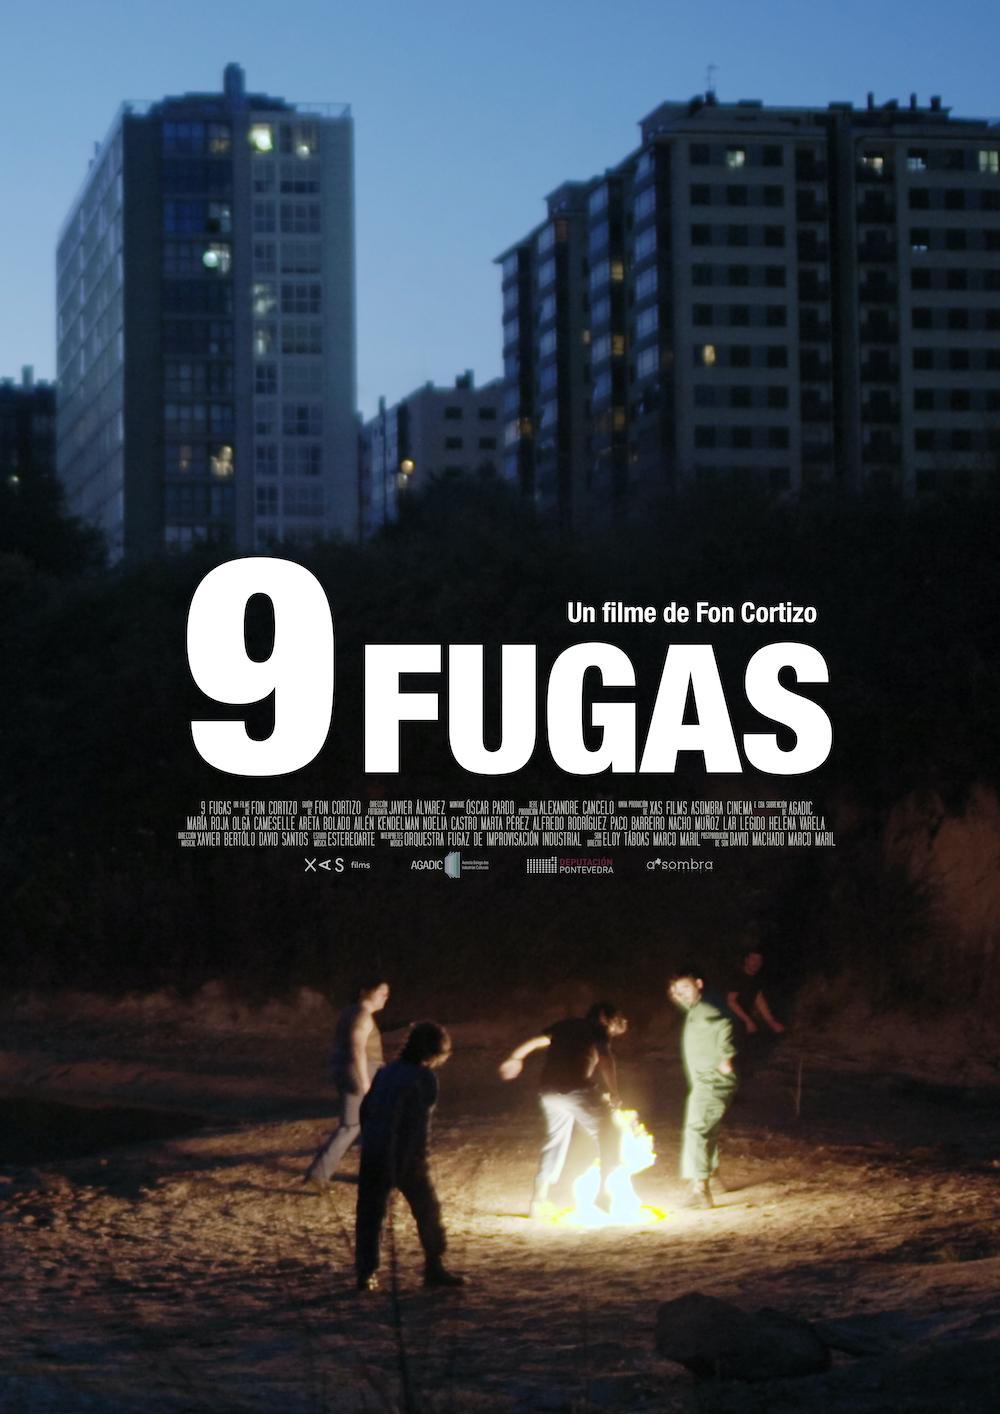 Premio internacional no festival de Xixón para a película '9 Fugas' de Fon Cortizo